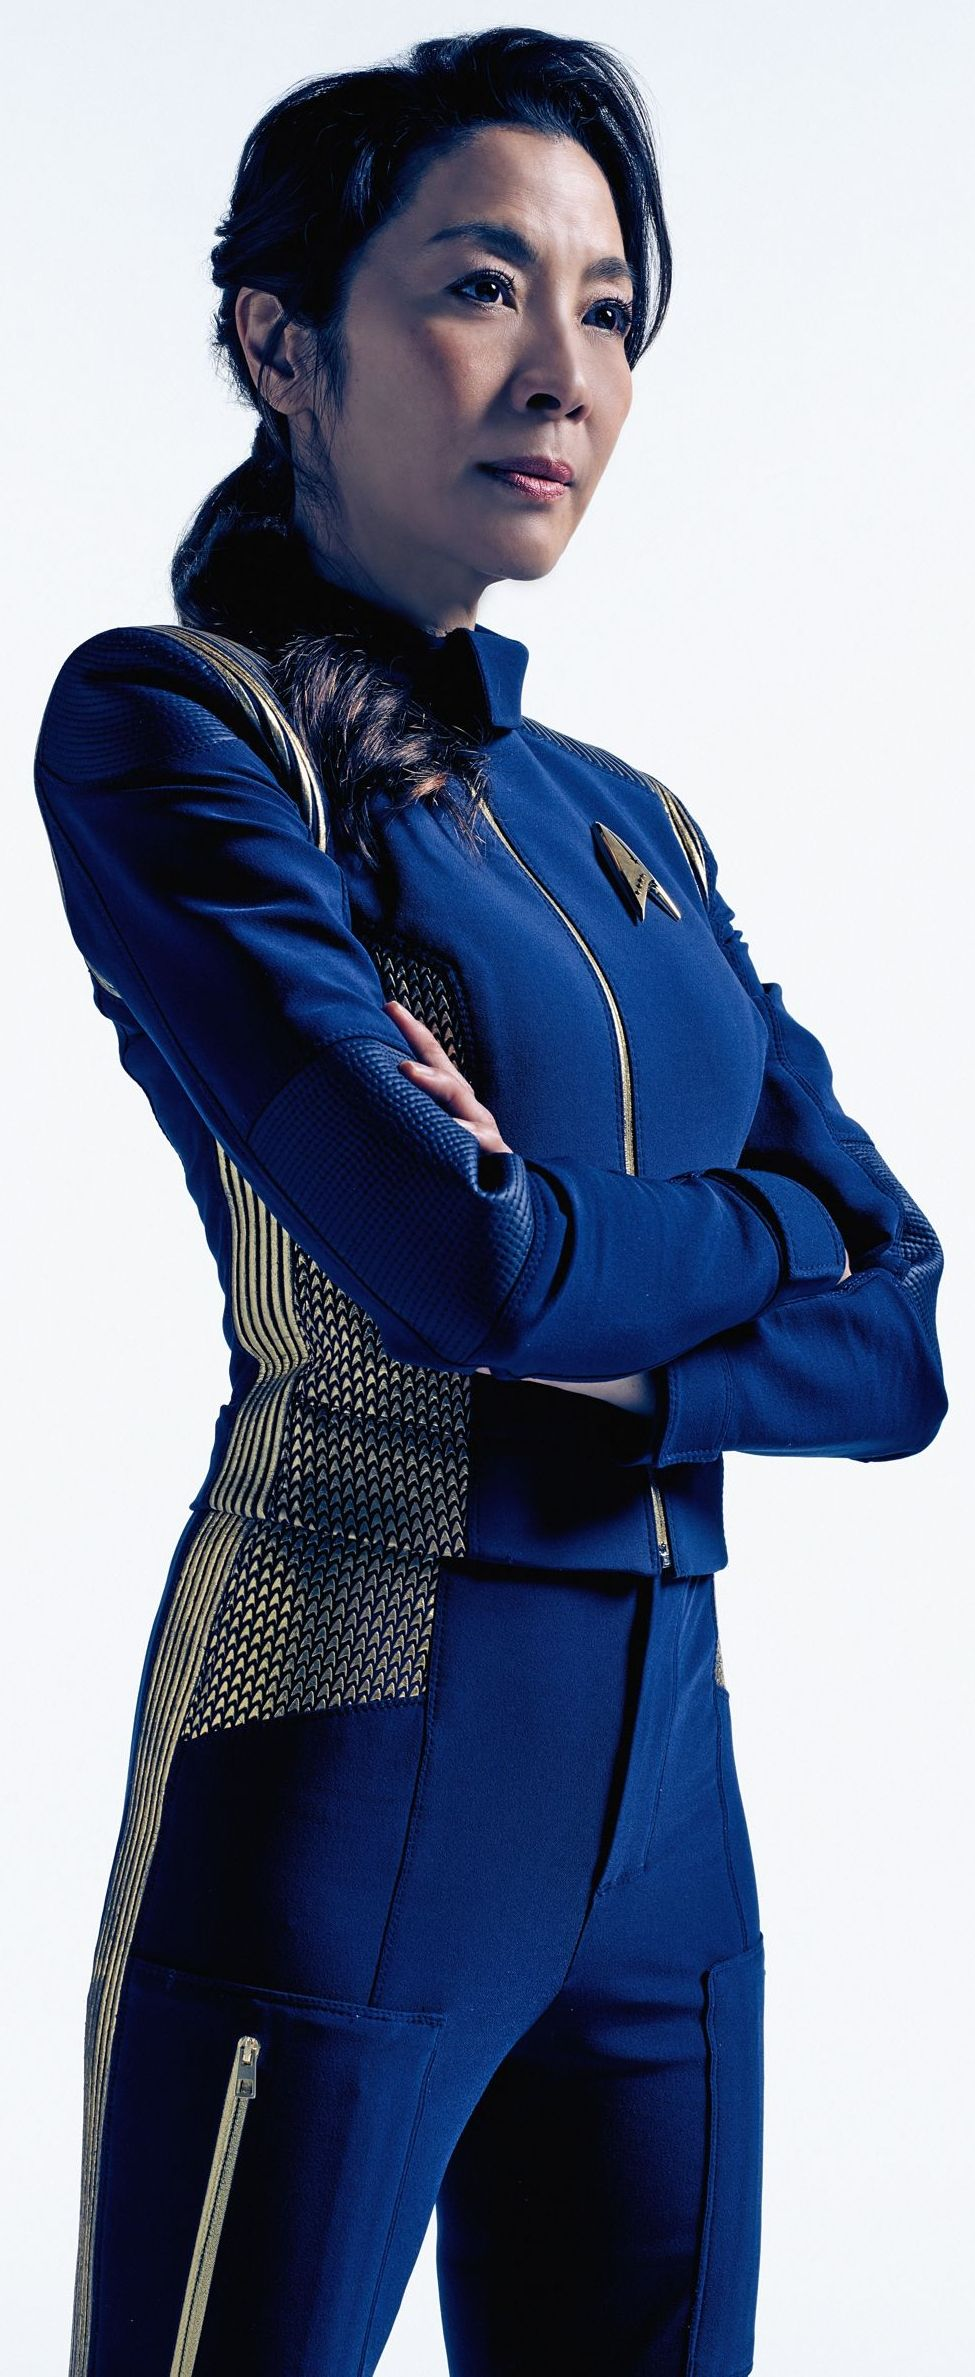 Michelle yeoh as captain philippa star trek